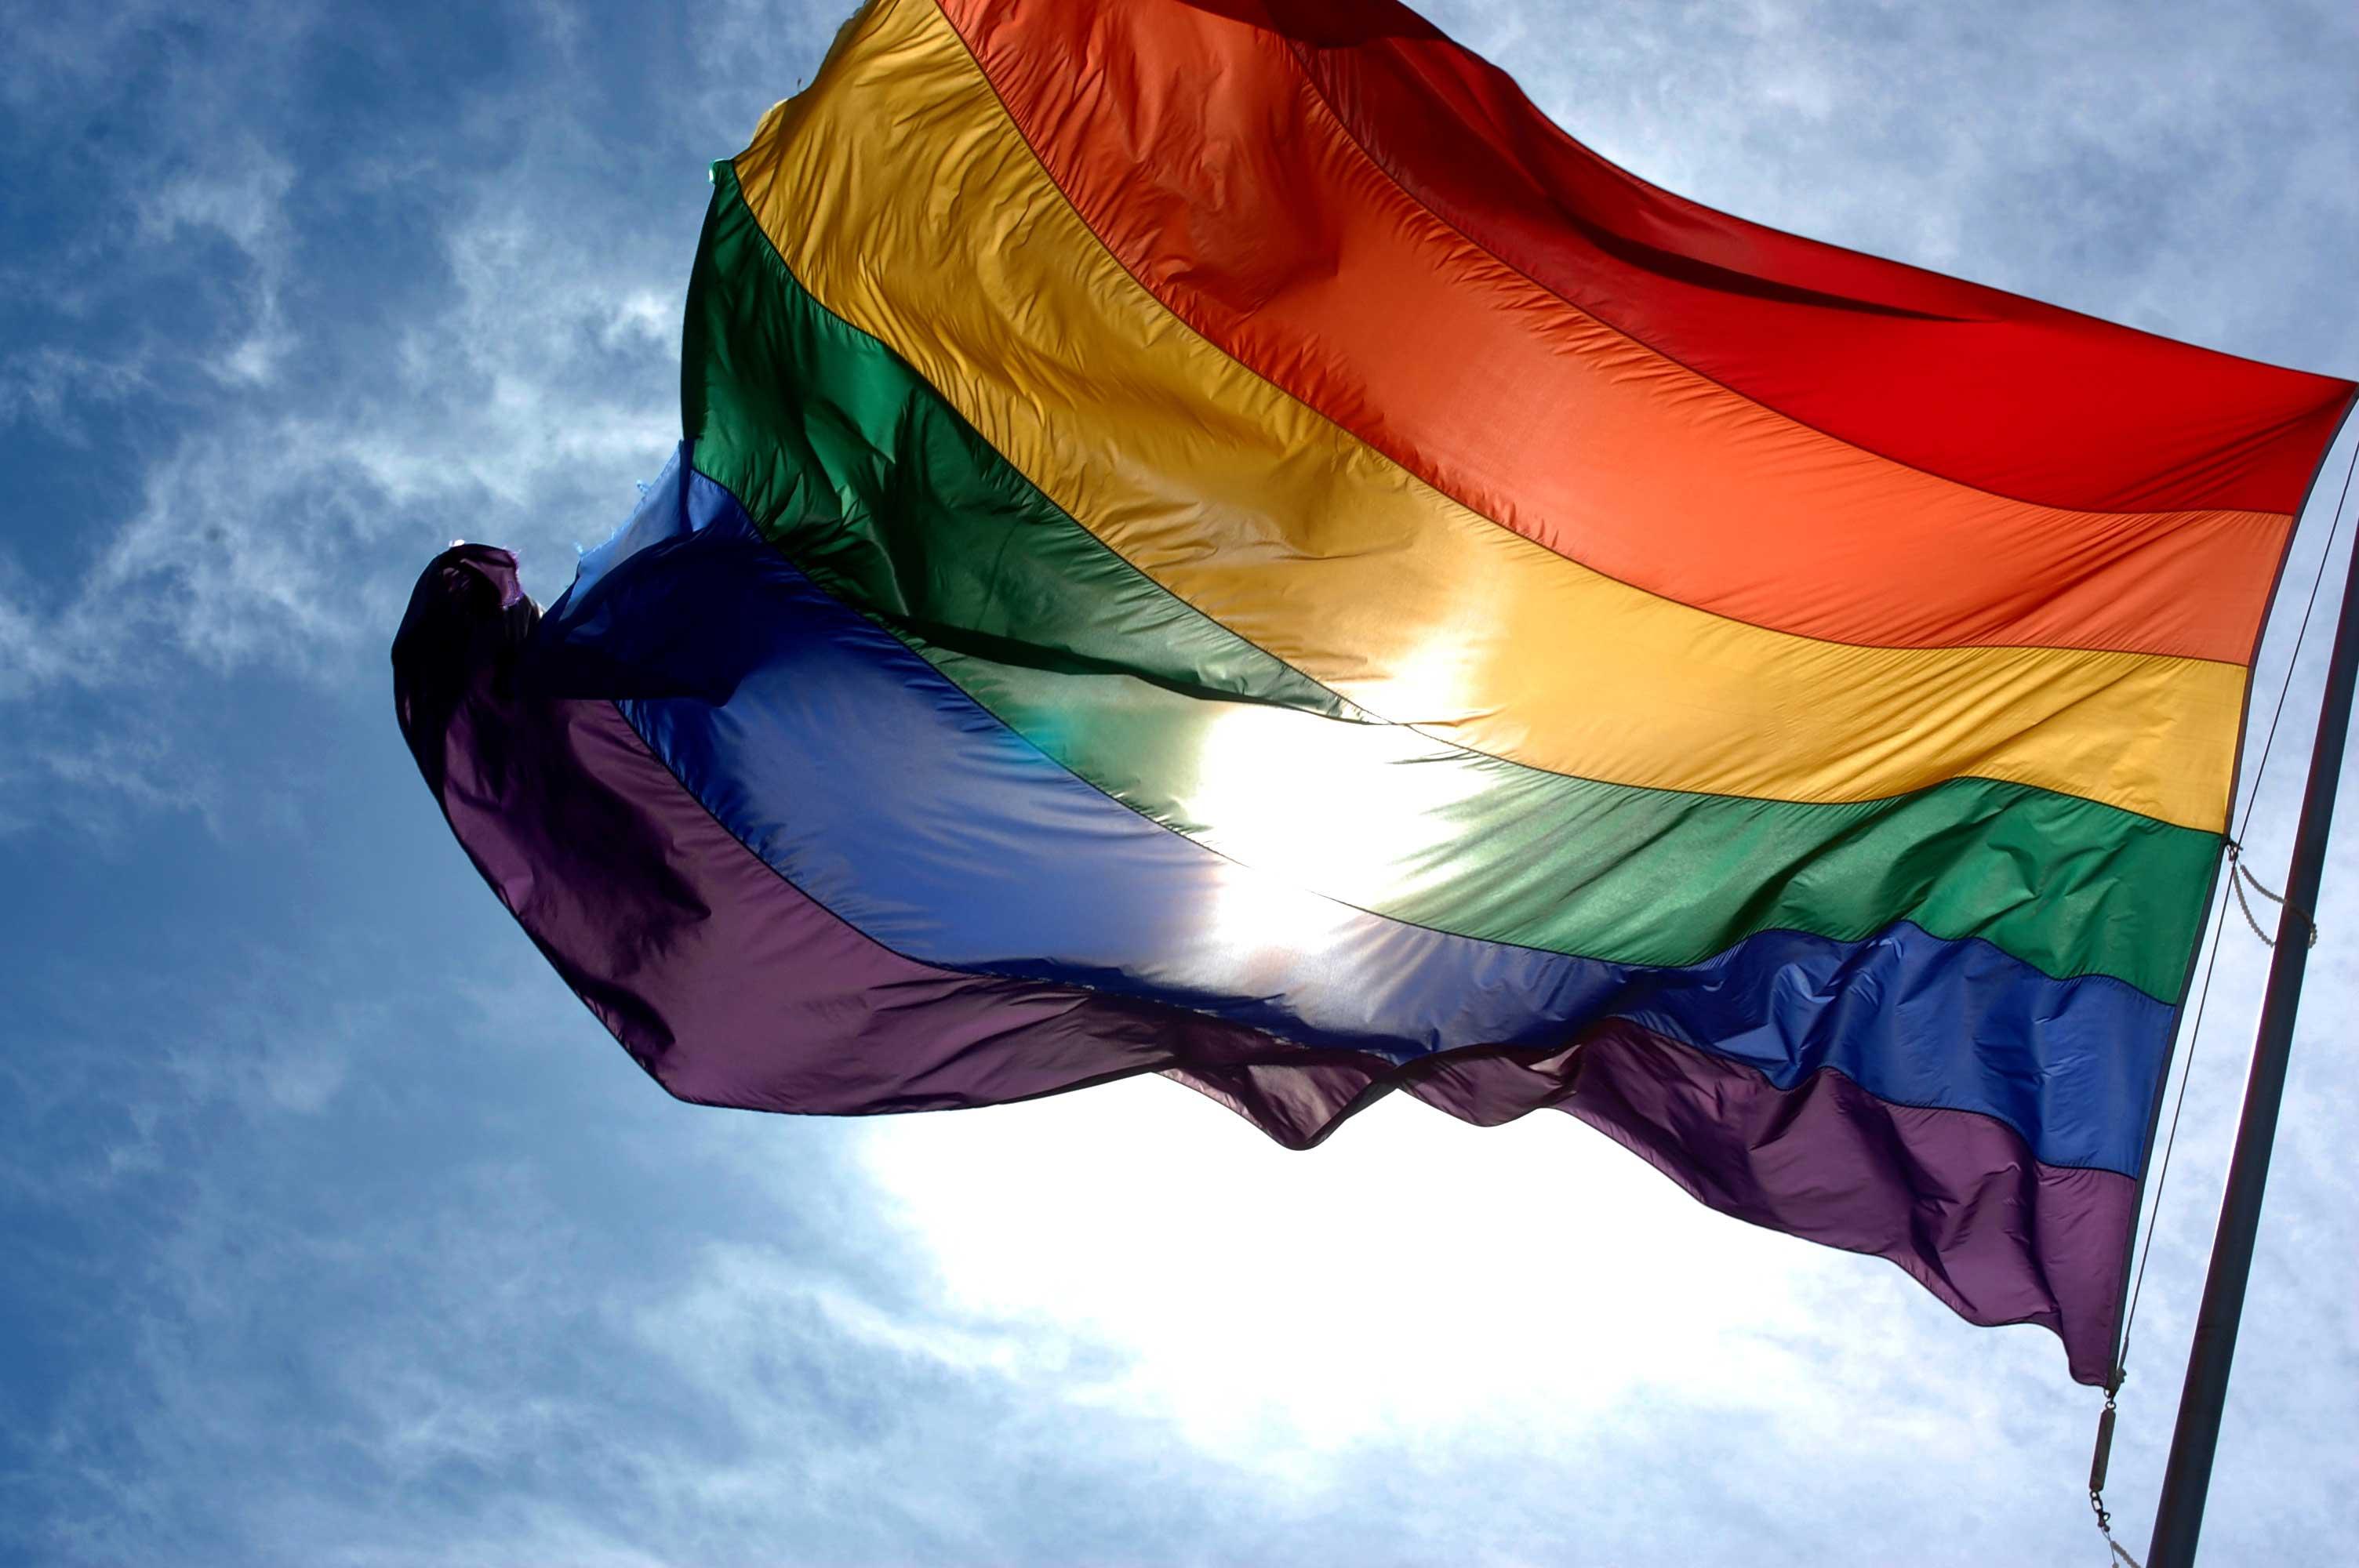 Cassazione: dare dell'omosessuale non è diffamatorio